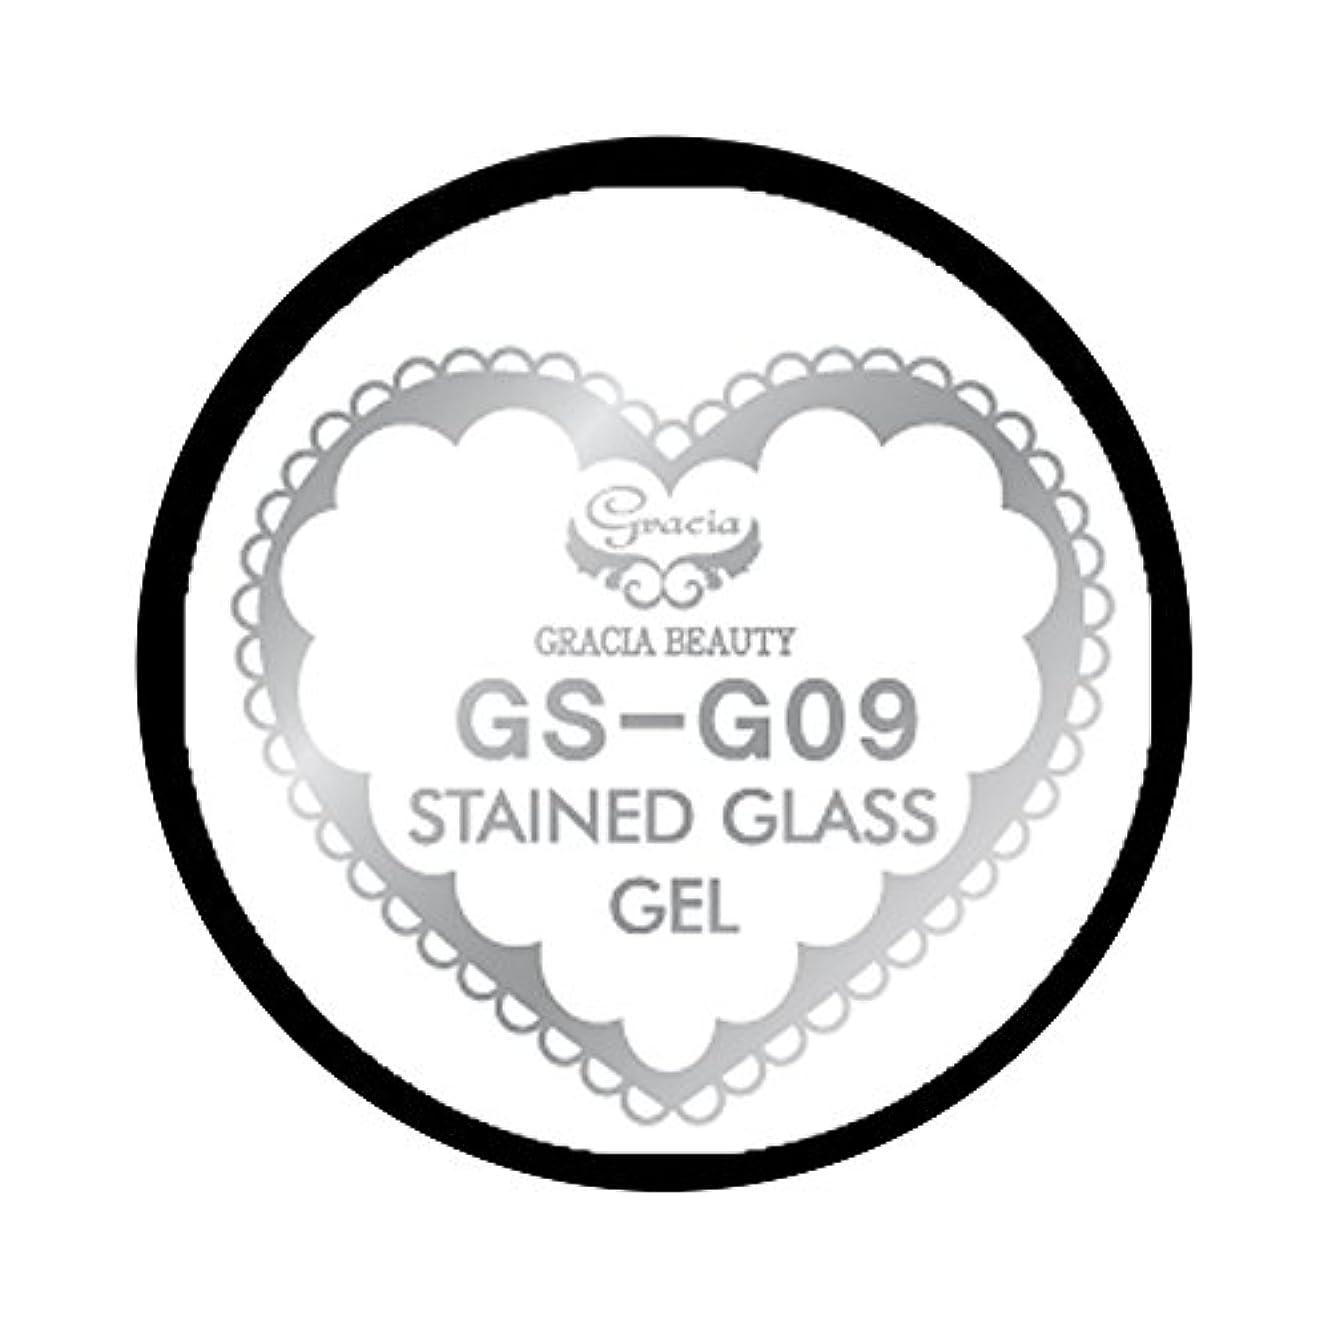 筋肉の怖がらせるアルネグラシア ジェルネイル ステンドグラスジェル GSM-G09 3g  グリッター UV/LED対応 カラージェル ソークオフジェル ガラスのような透明感